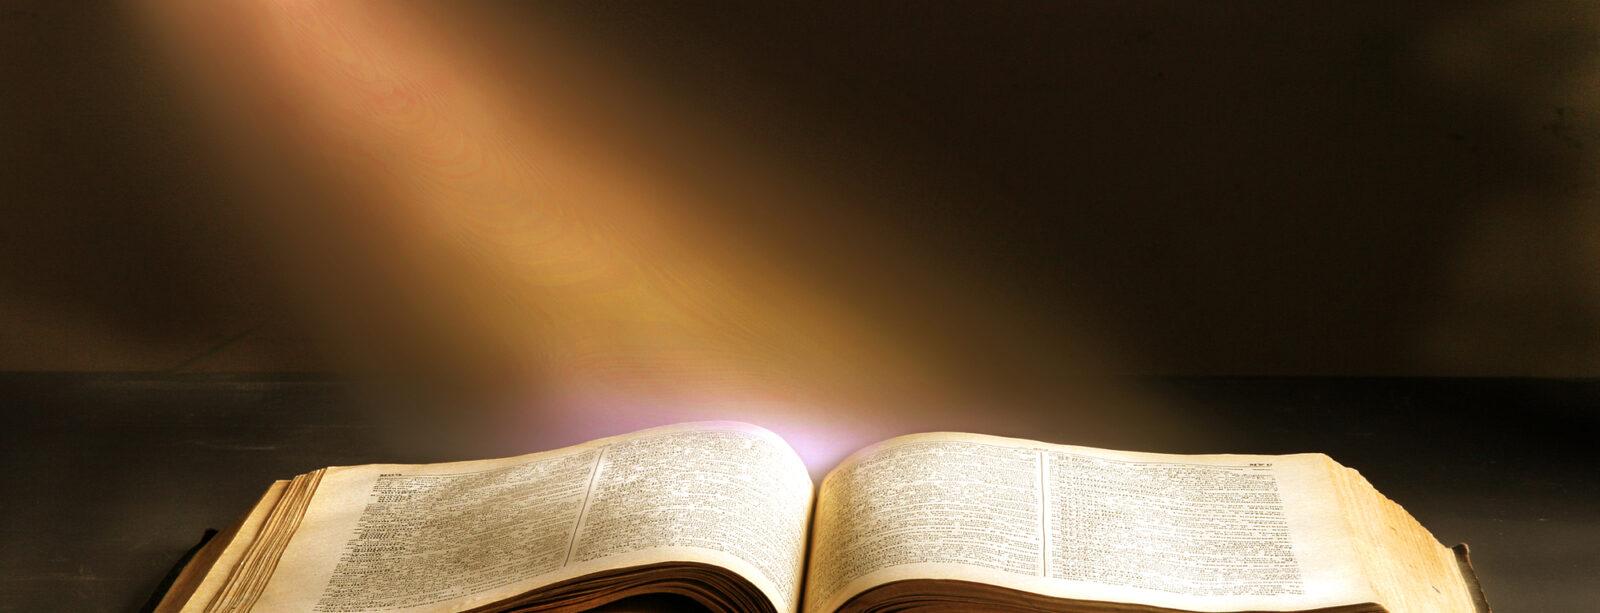 Prophetic Press Releases- Prophetic Press Media